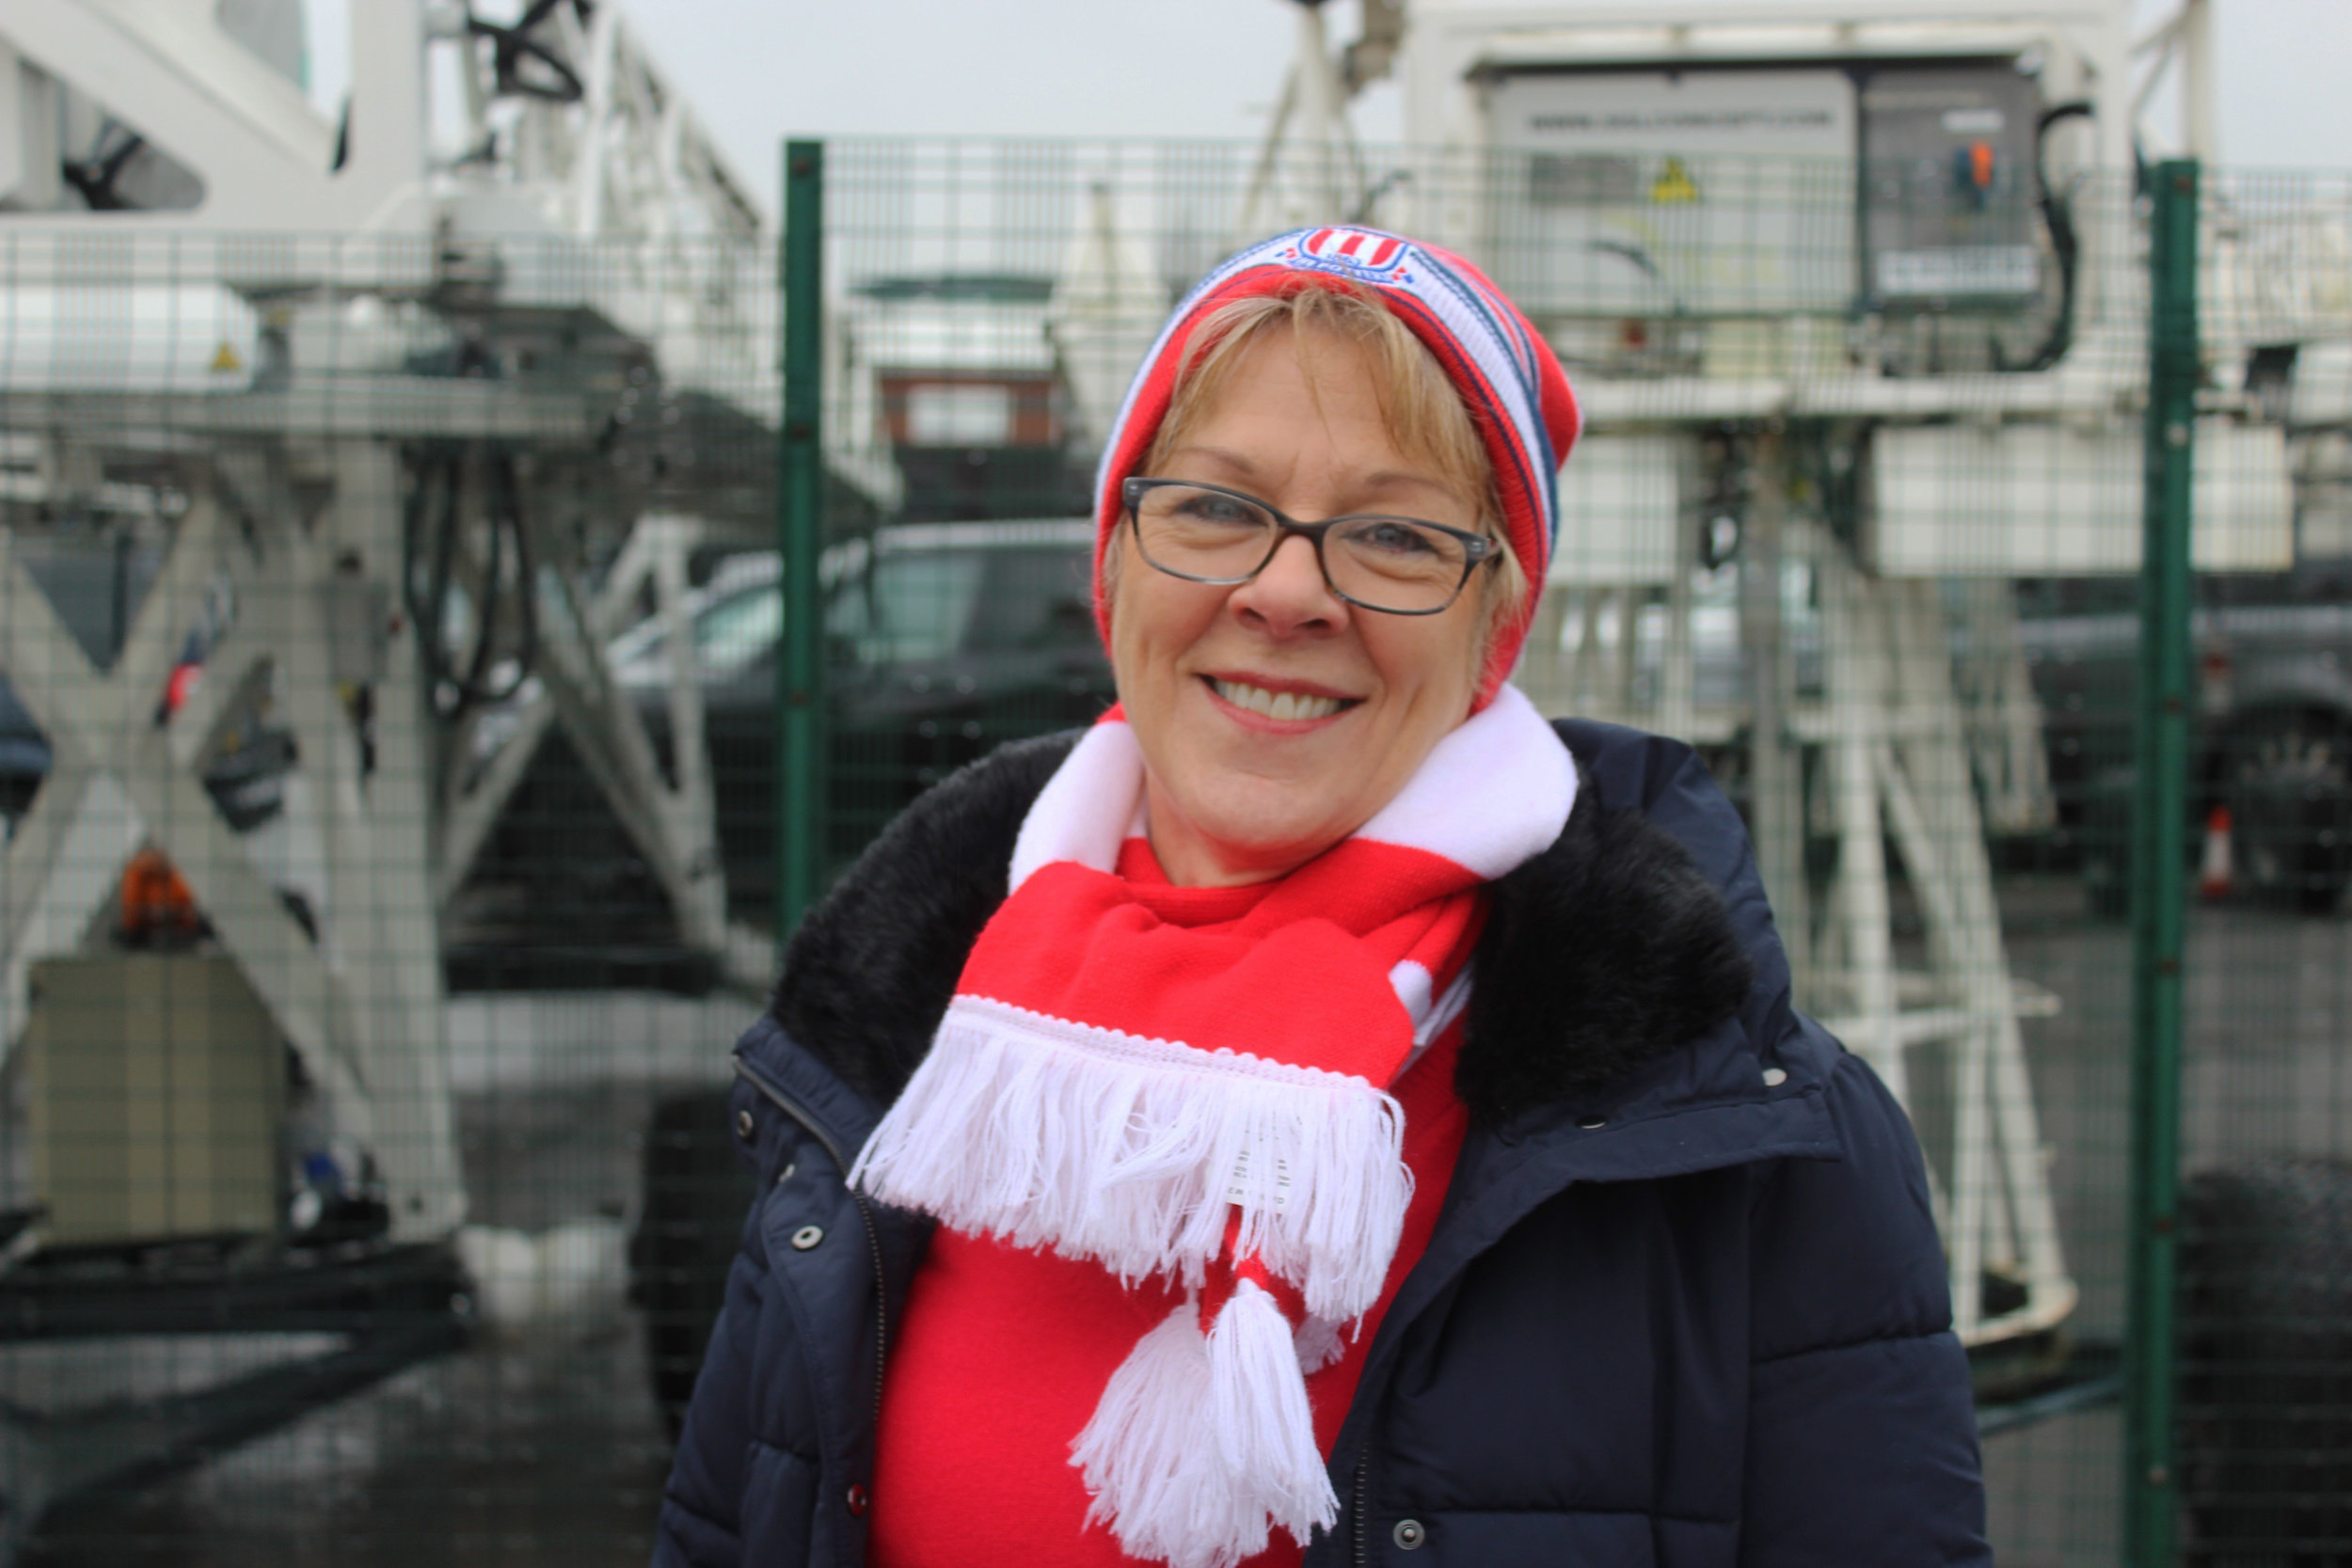 Stoke City Female Football Fan